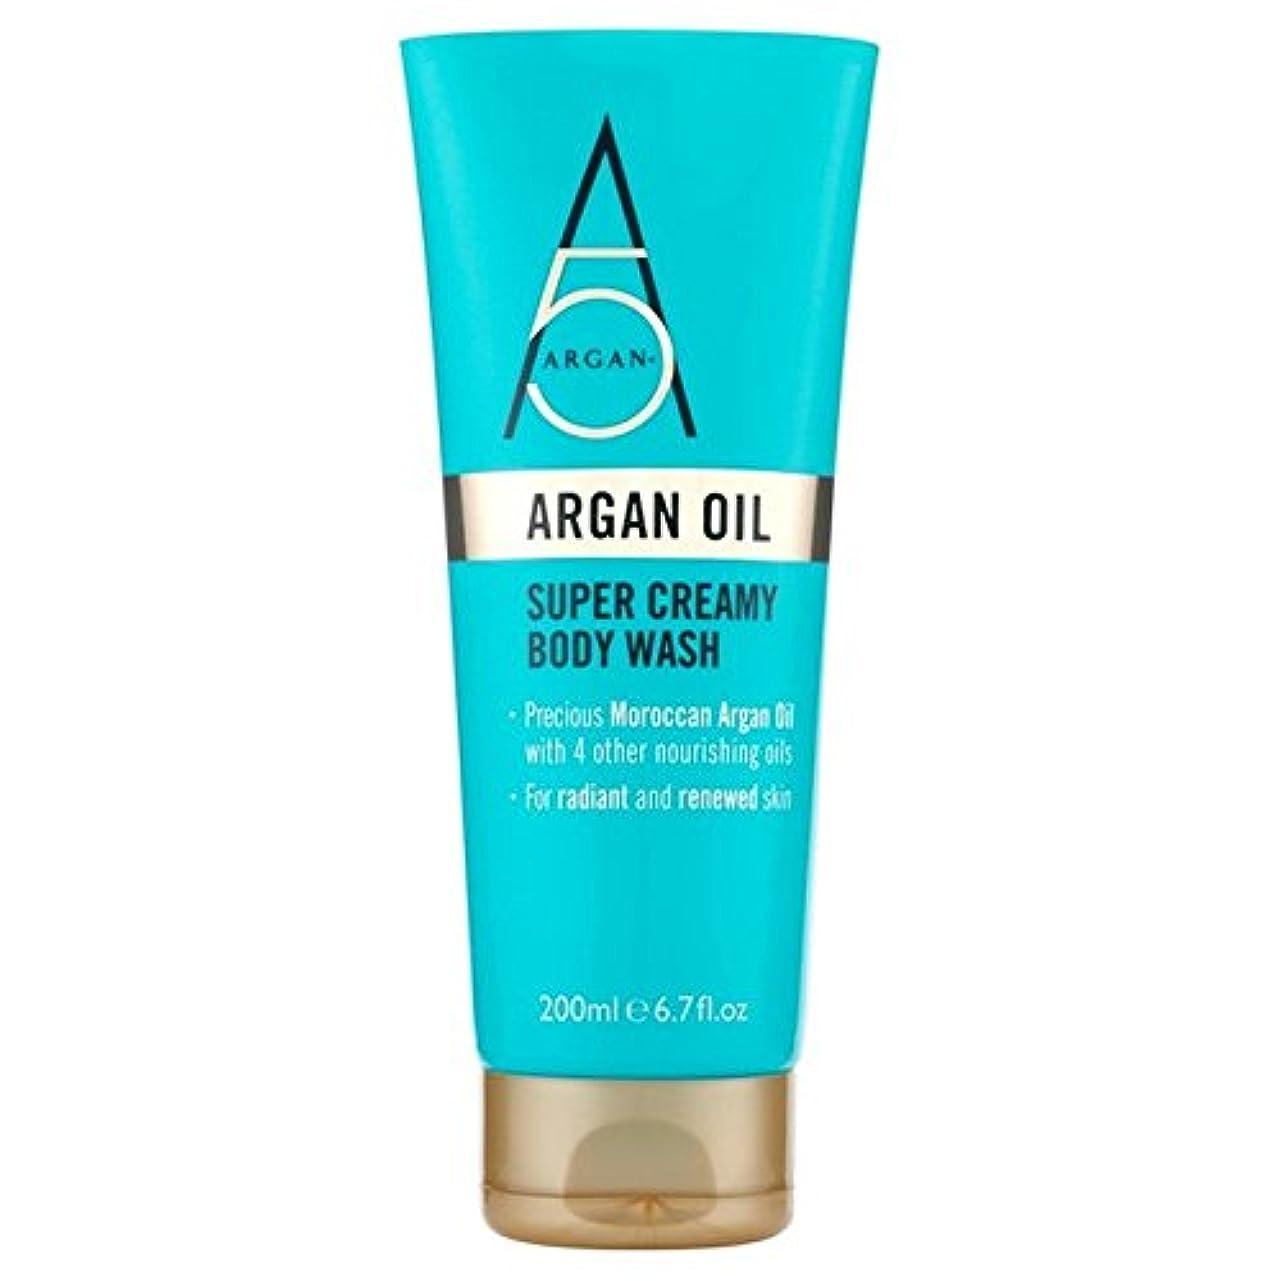 脊椎ウェイター生じるアルガン+スーパークリーミーボディウォッシュ200ミリリットル x4 - Argan+ Super Creamy Body Wash 200ml (Pack of 4) [並行輸入品]